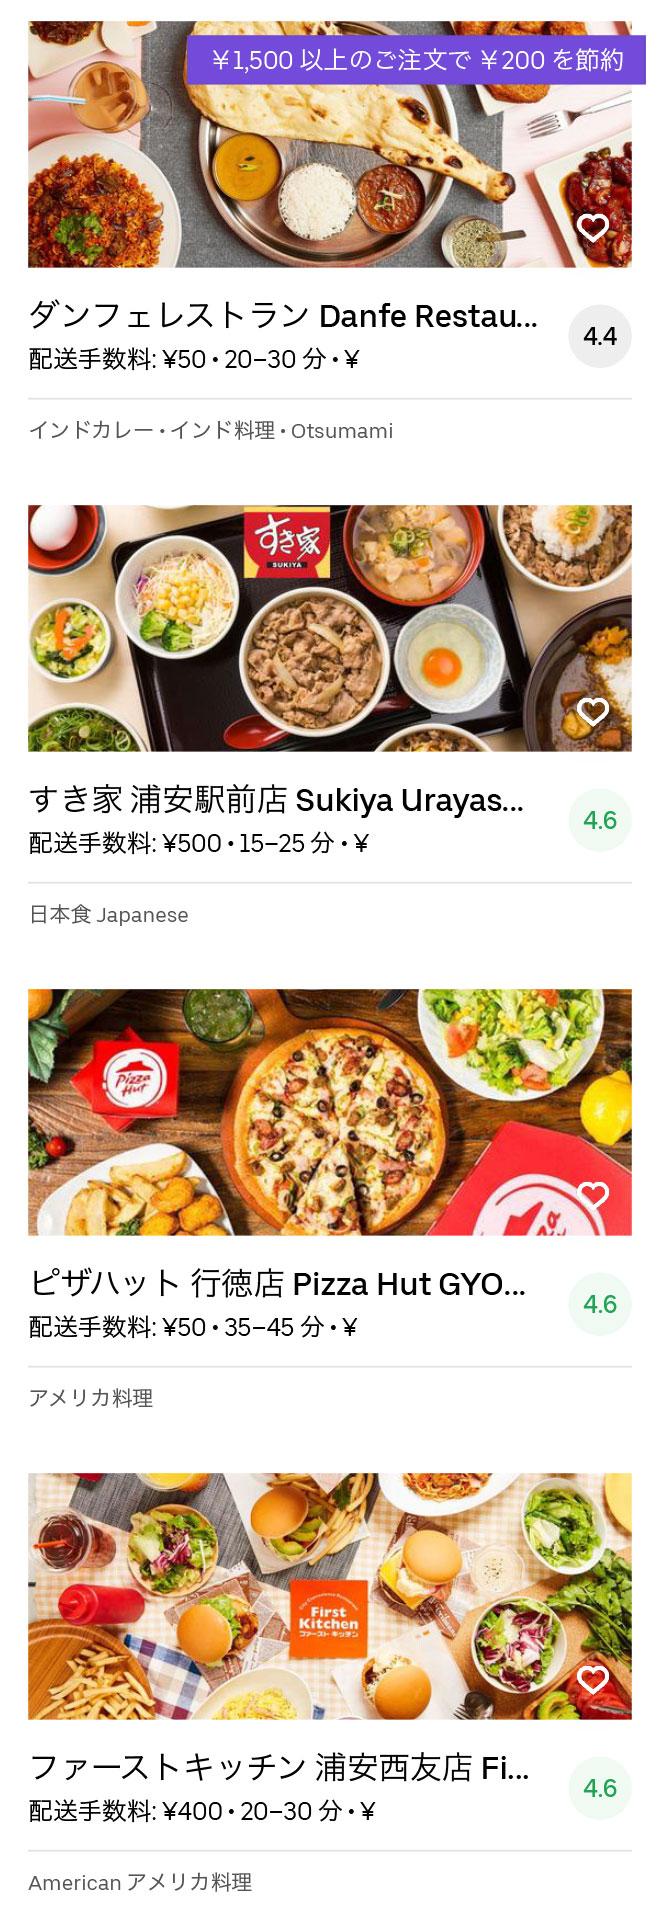 Ichikawa gyotoku menu 2004 04